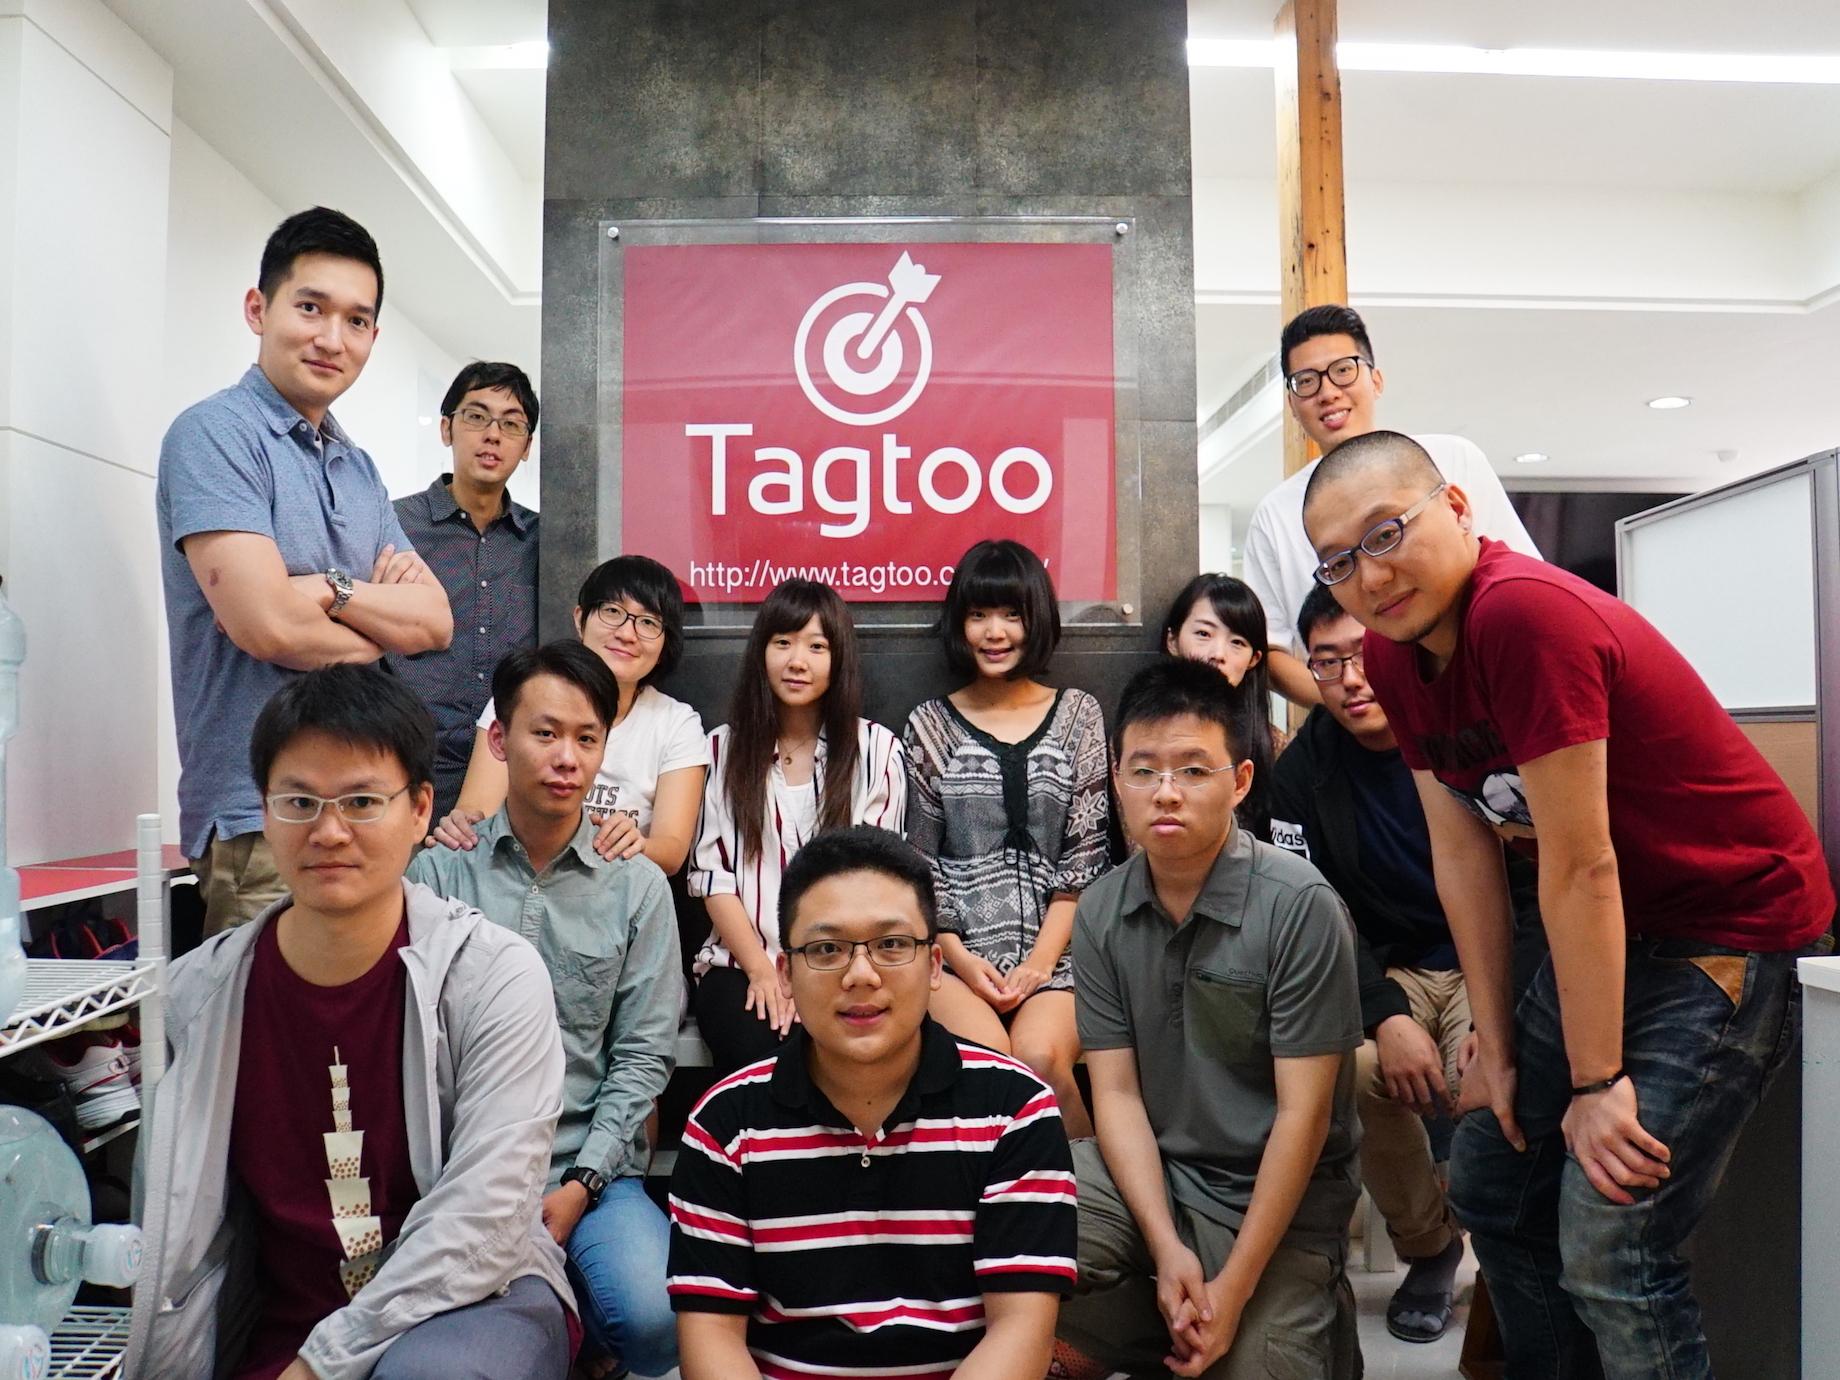 Tagtoo執行長楊長峰:4個觀察,經營跨境電商,馬來西亞是最好的第一站